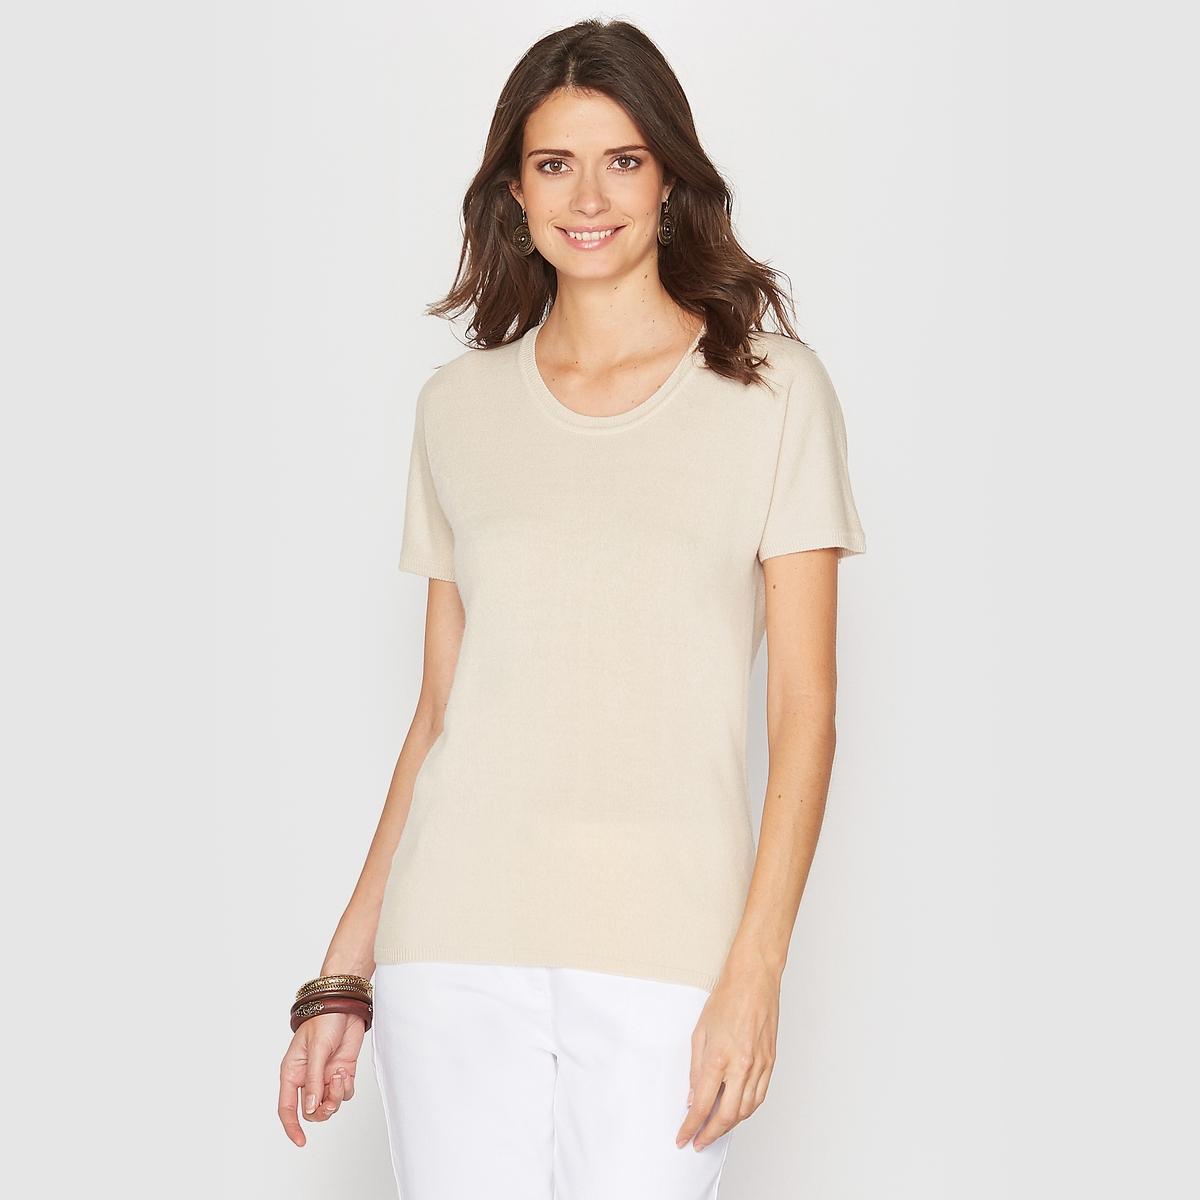 Пуловер из акрила с короткими рукавами, с кашемировым эффектом на ощупьМожно носить с блузкой или на голое тело, в любом случае вам обеспечен комфорт и удобство .<br><br>Цвет: бежевый,ванильный<br>Размер: 46/48 (FR) - 52/54 (RUS).50/52 (FR) - 56/58 (RUS).42/44 (FR) - 48/50 (RUS).46/48 (FR) - 52/54 (RUS)